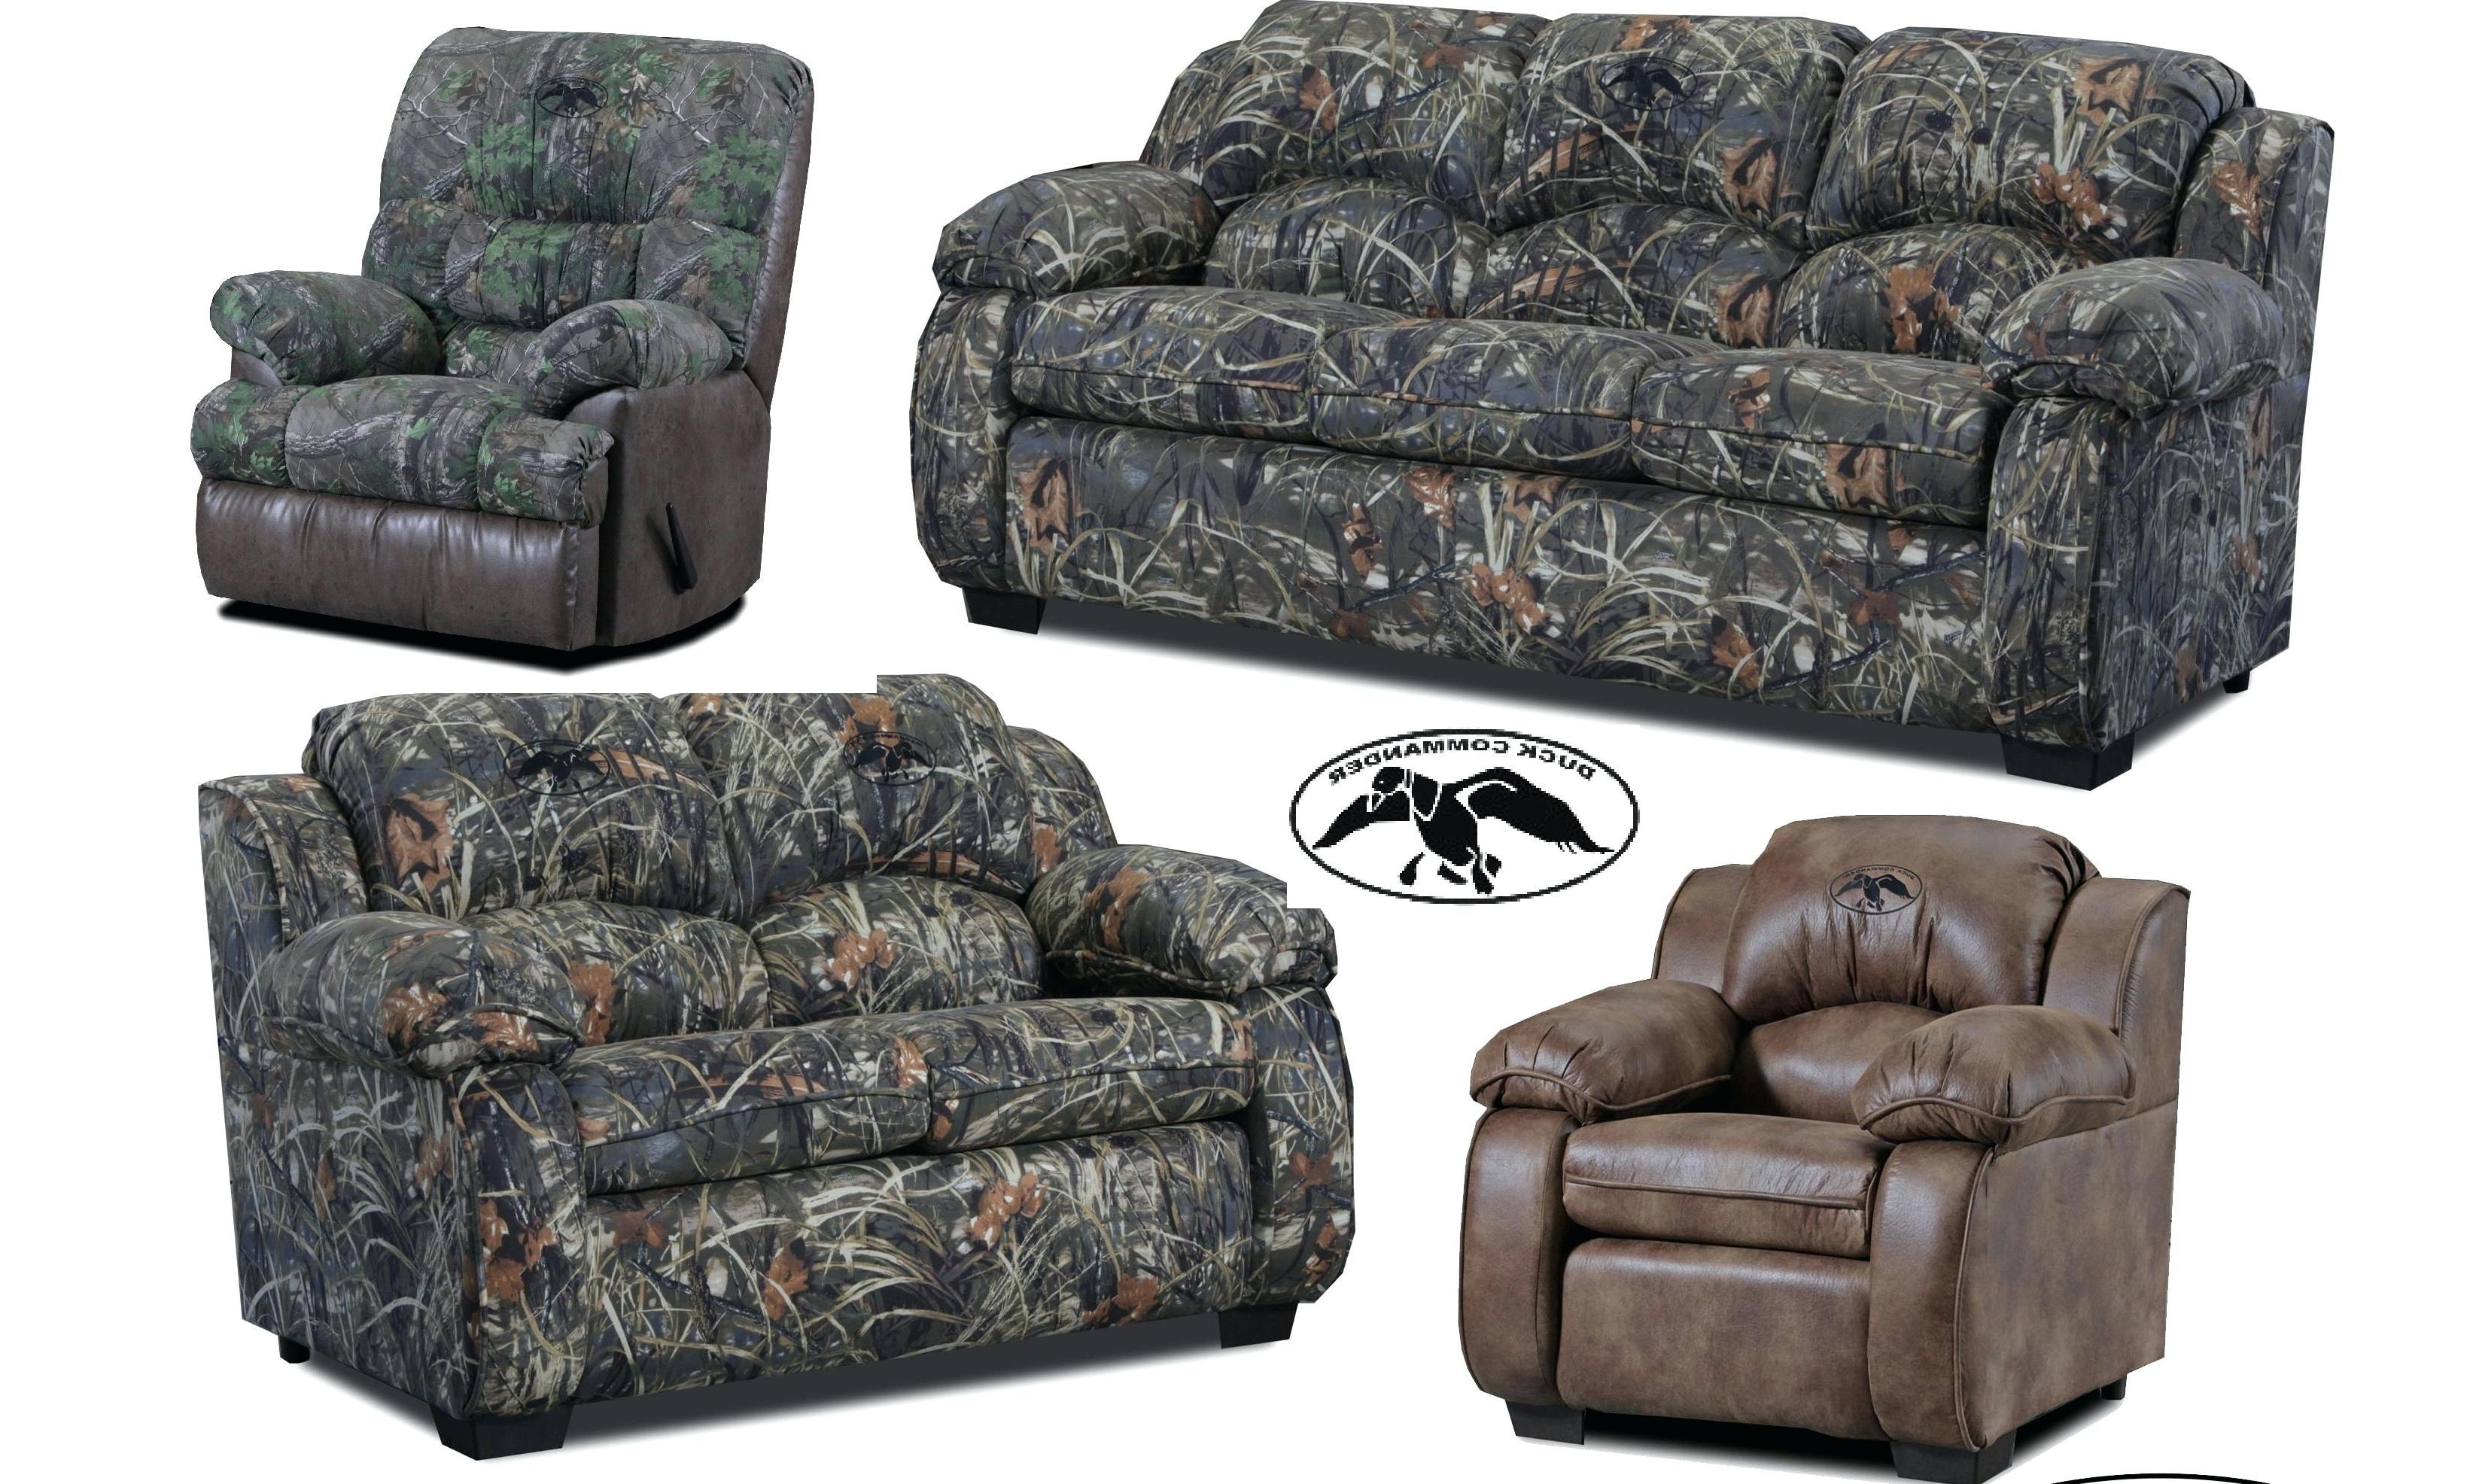 Famous Sam Levitz Furniture Tucson Az Two Piece Sectional With Full Within Sam Levitz Sectional Sofas (View 17 of 20)